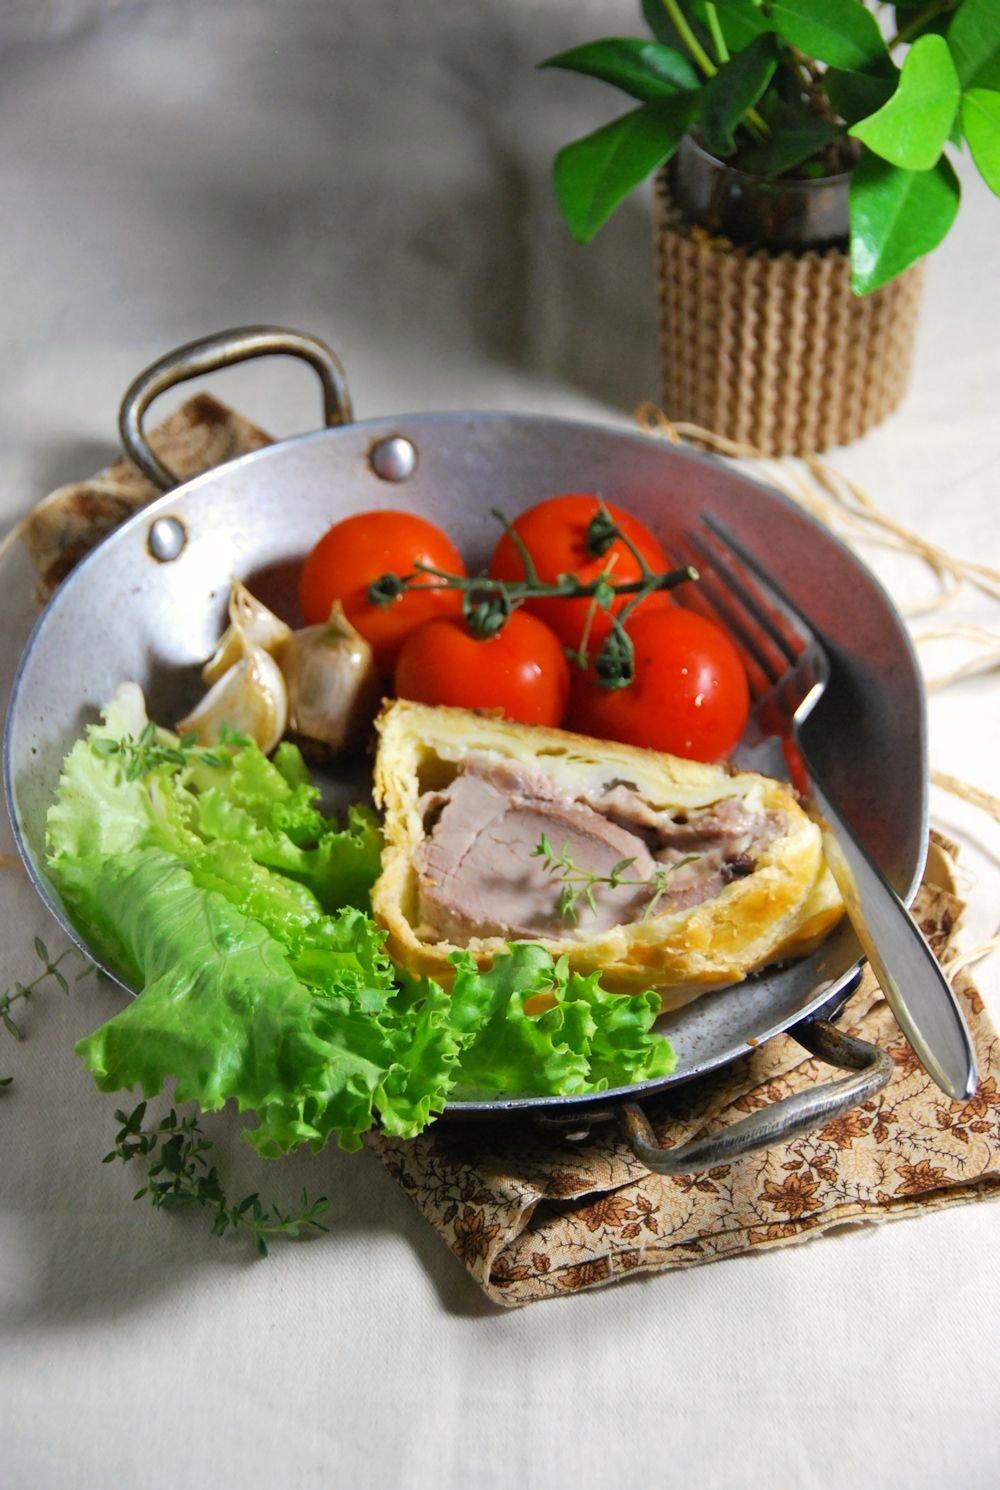 Filet mignon en croute à la crème d'ail - Tangerine zest